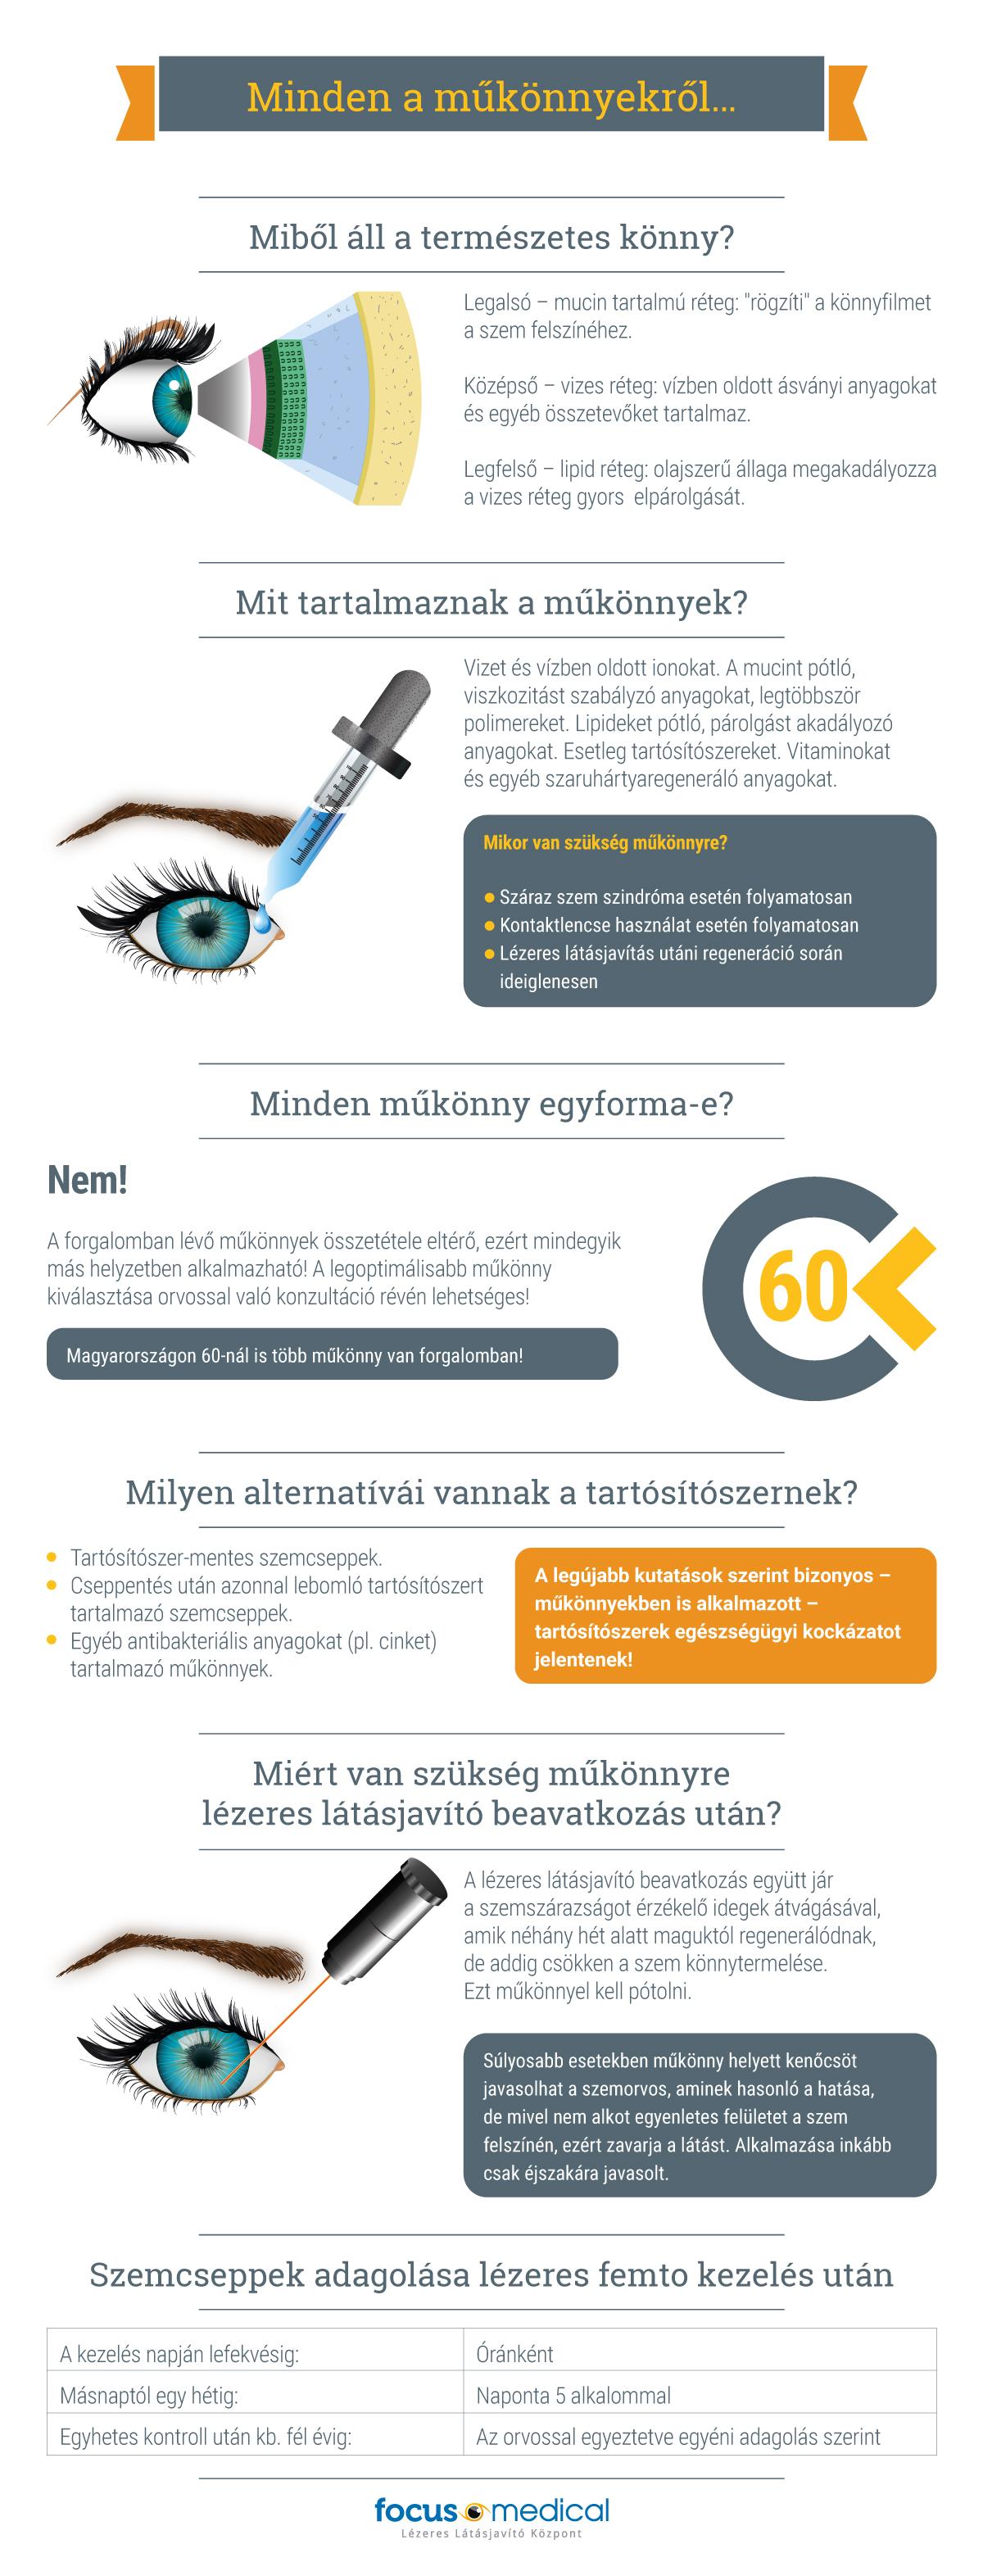 látás mínusz 5 százalék a szemek látásának helyreállításához